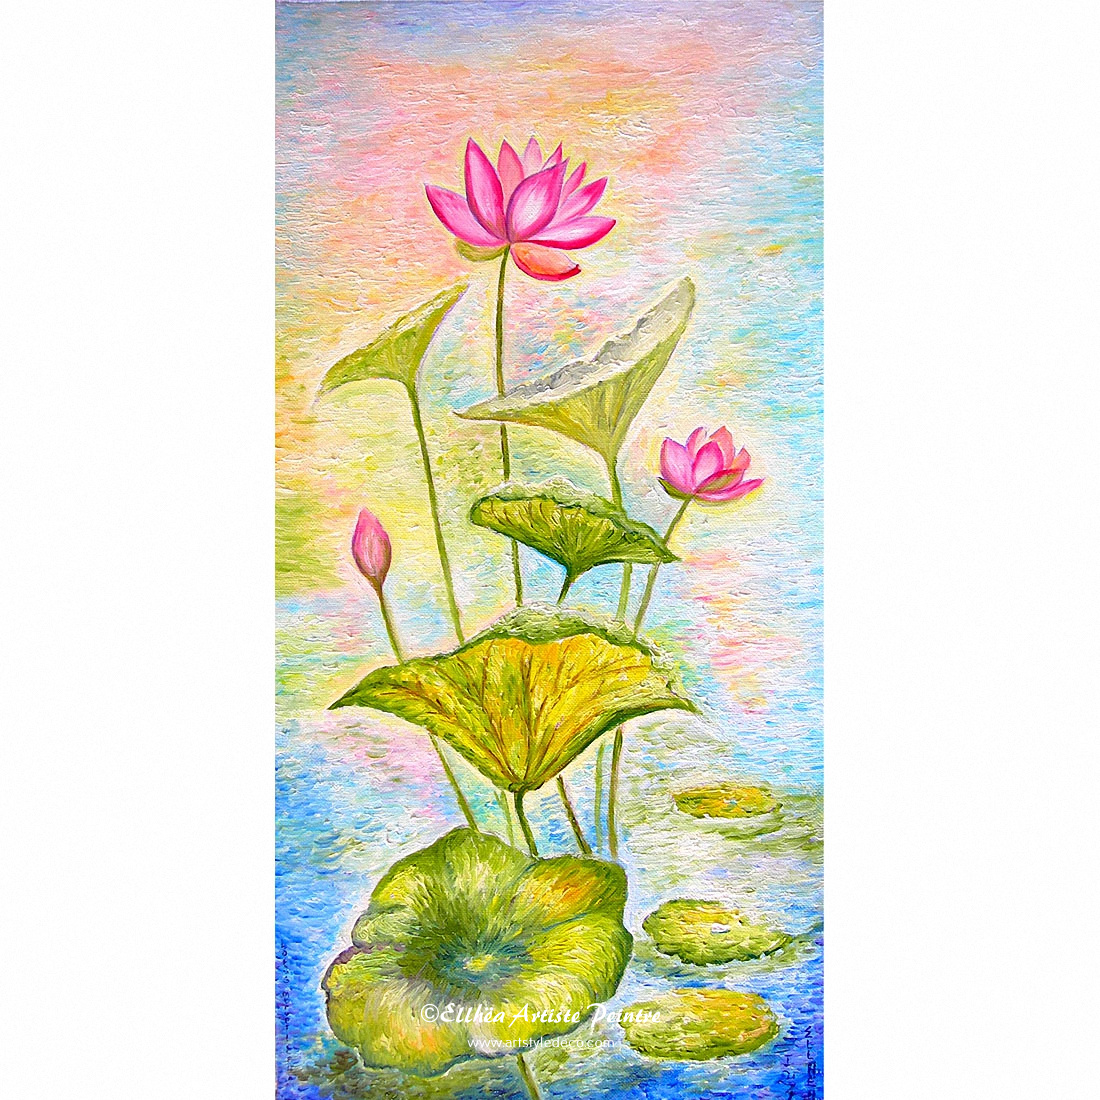 Les Lotus Roses - toile reproduction peinture zen